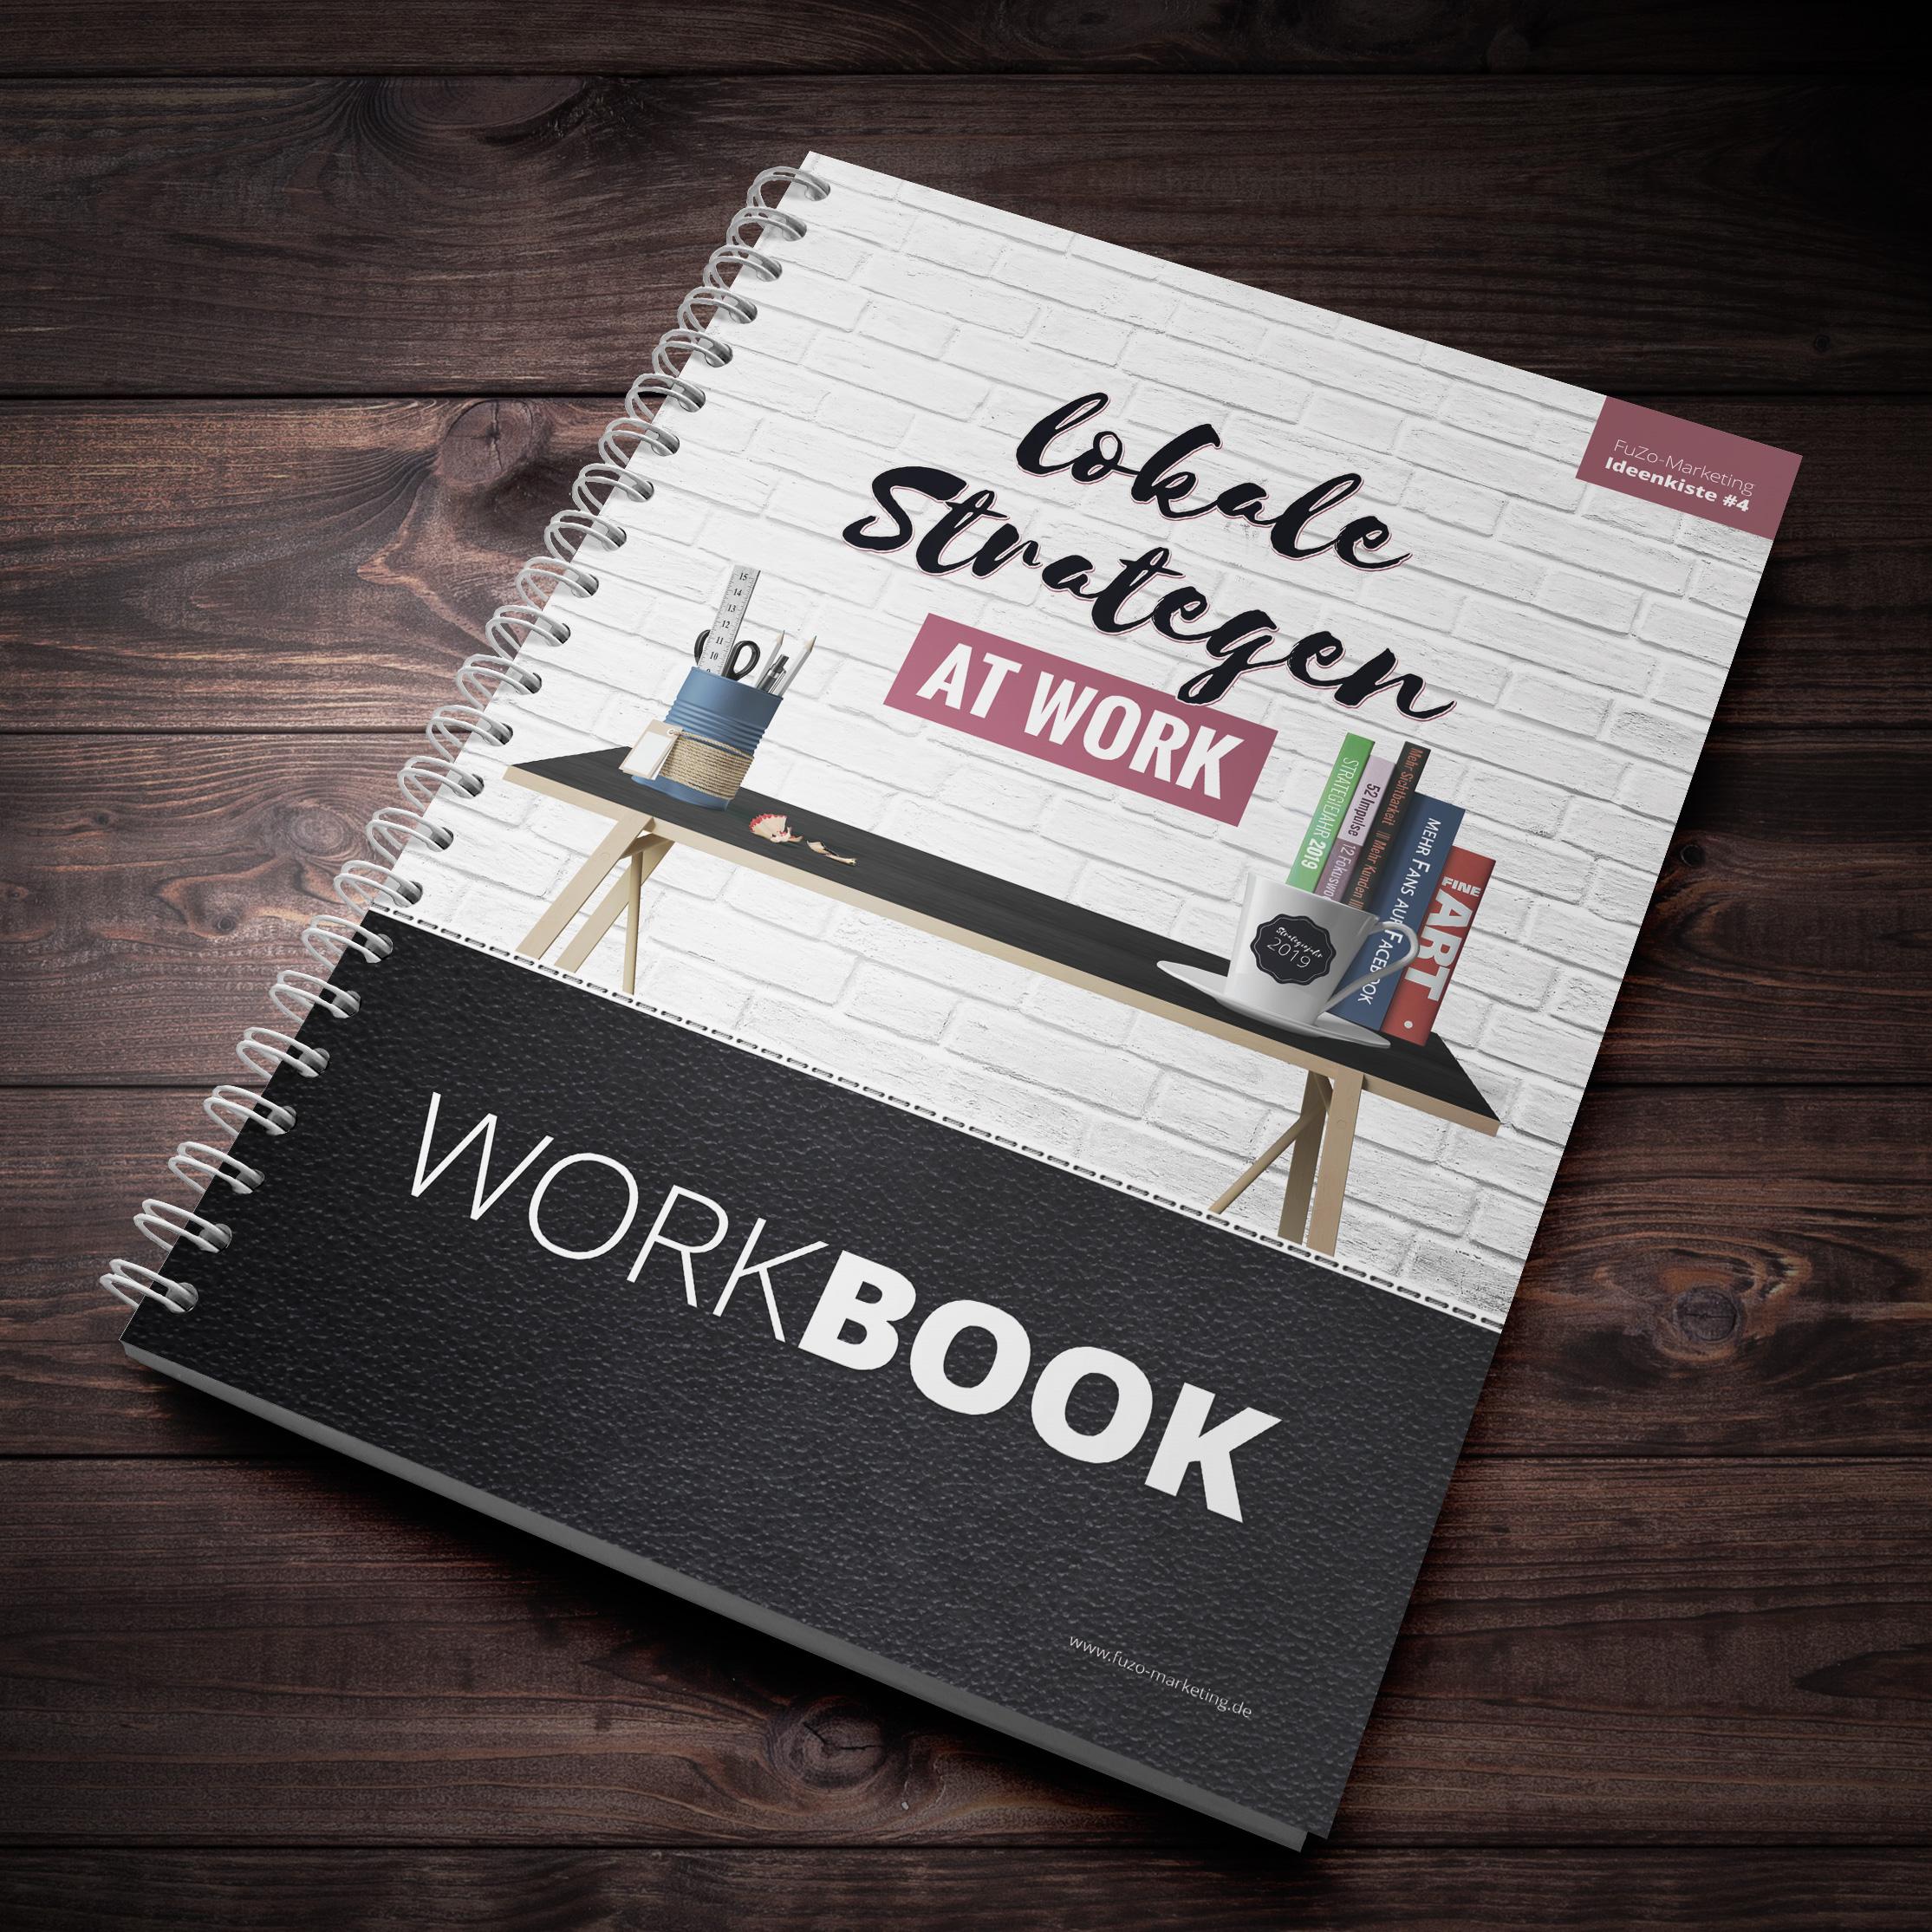 mockupworkbook